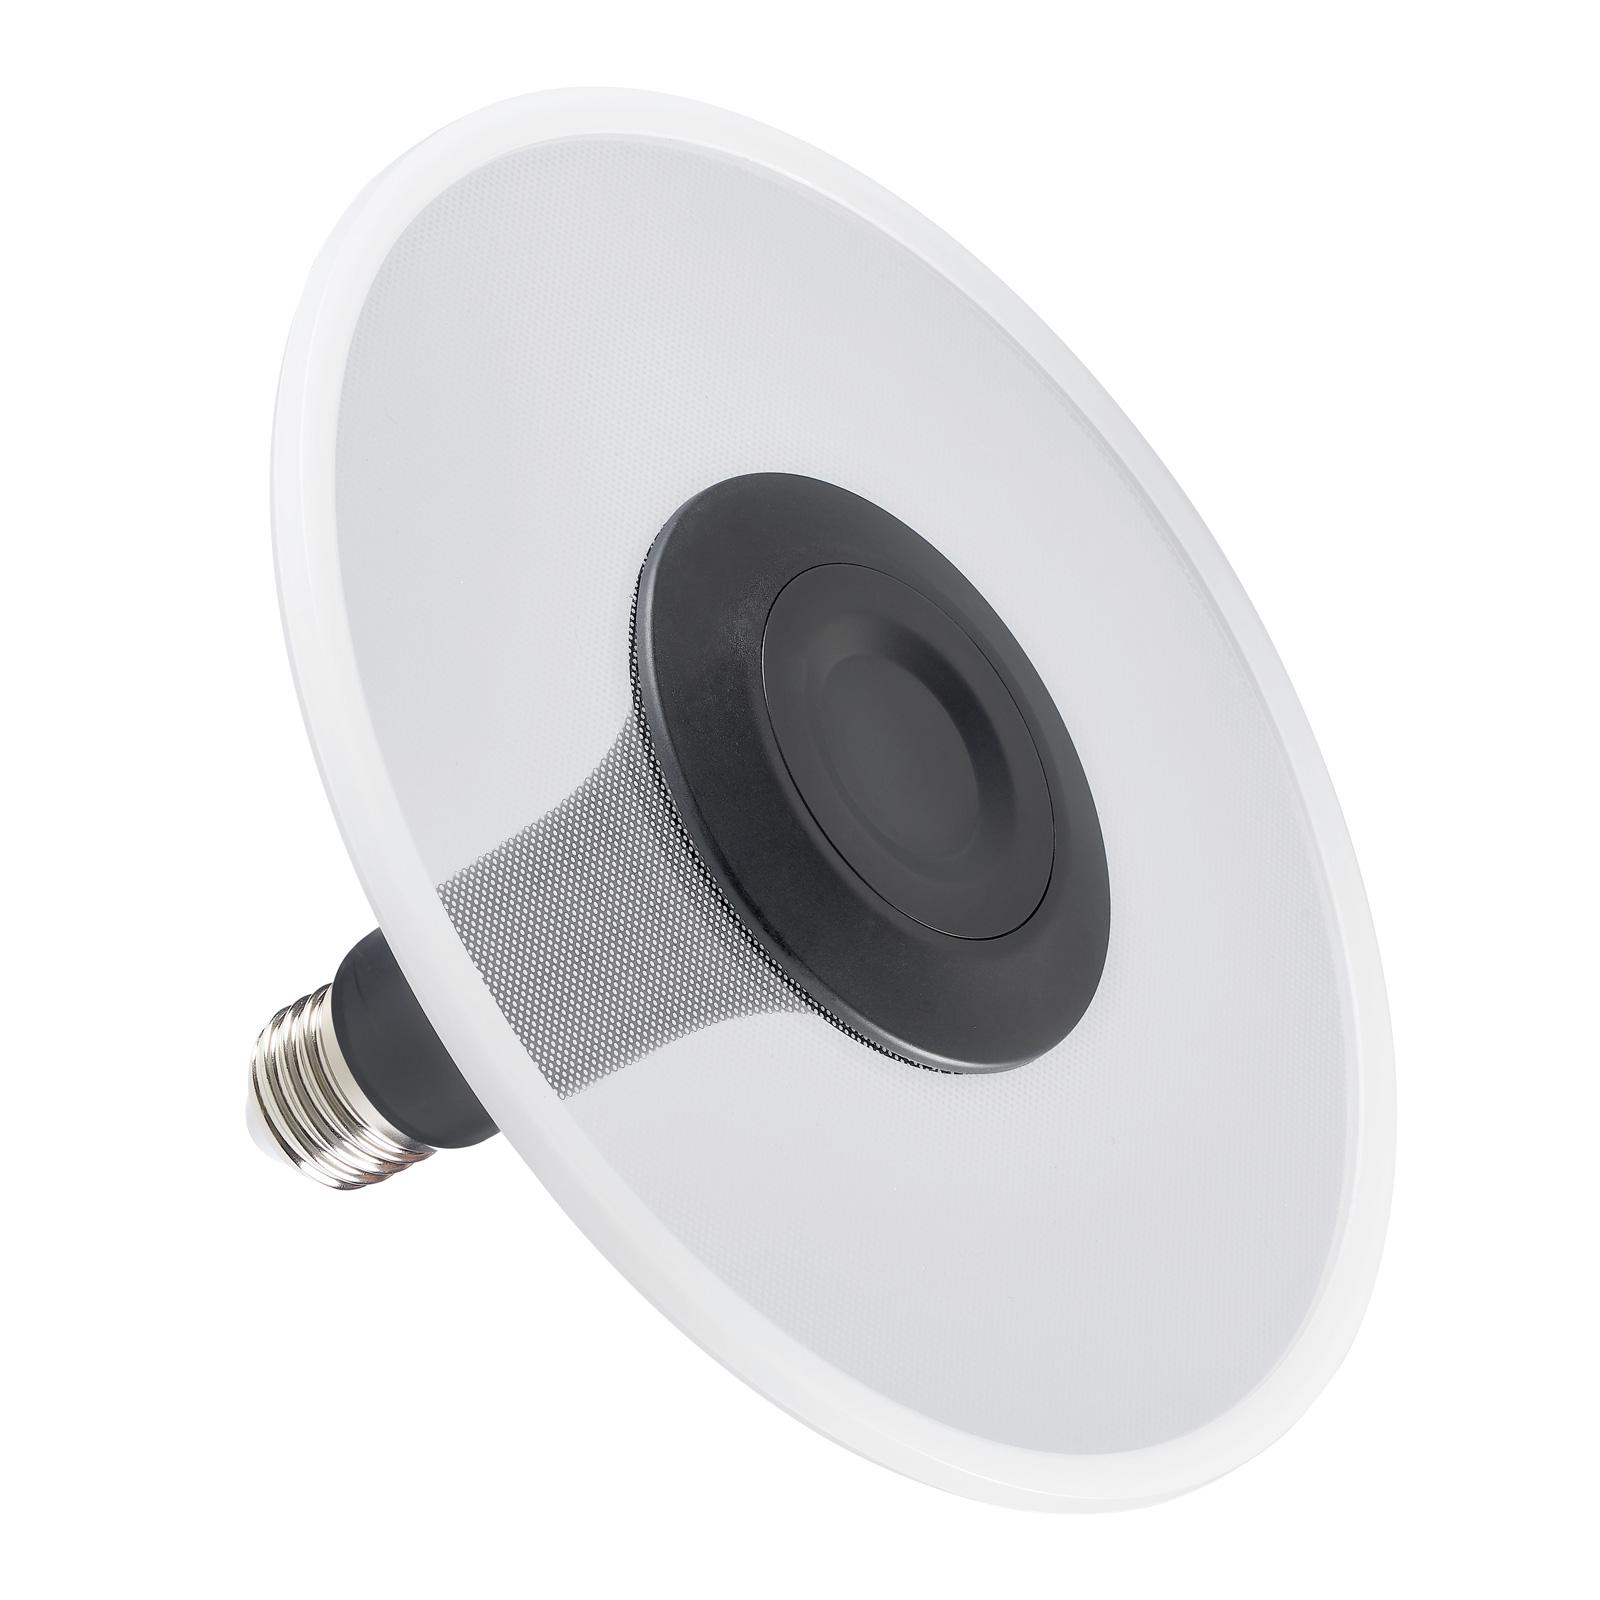 LED-Lampe E27 ToLEDo Radiance schwarz 11,5W 4.000K